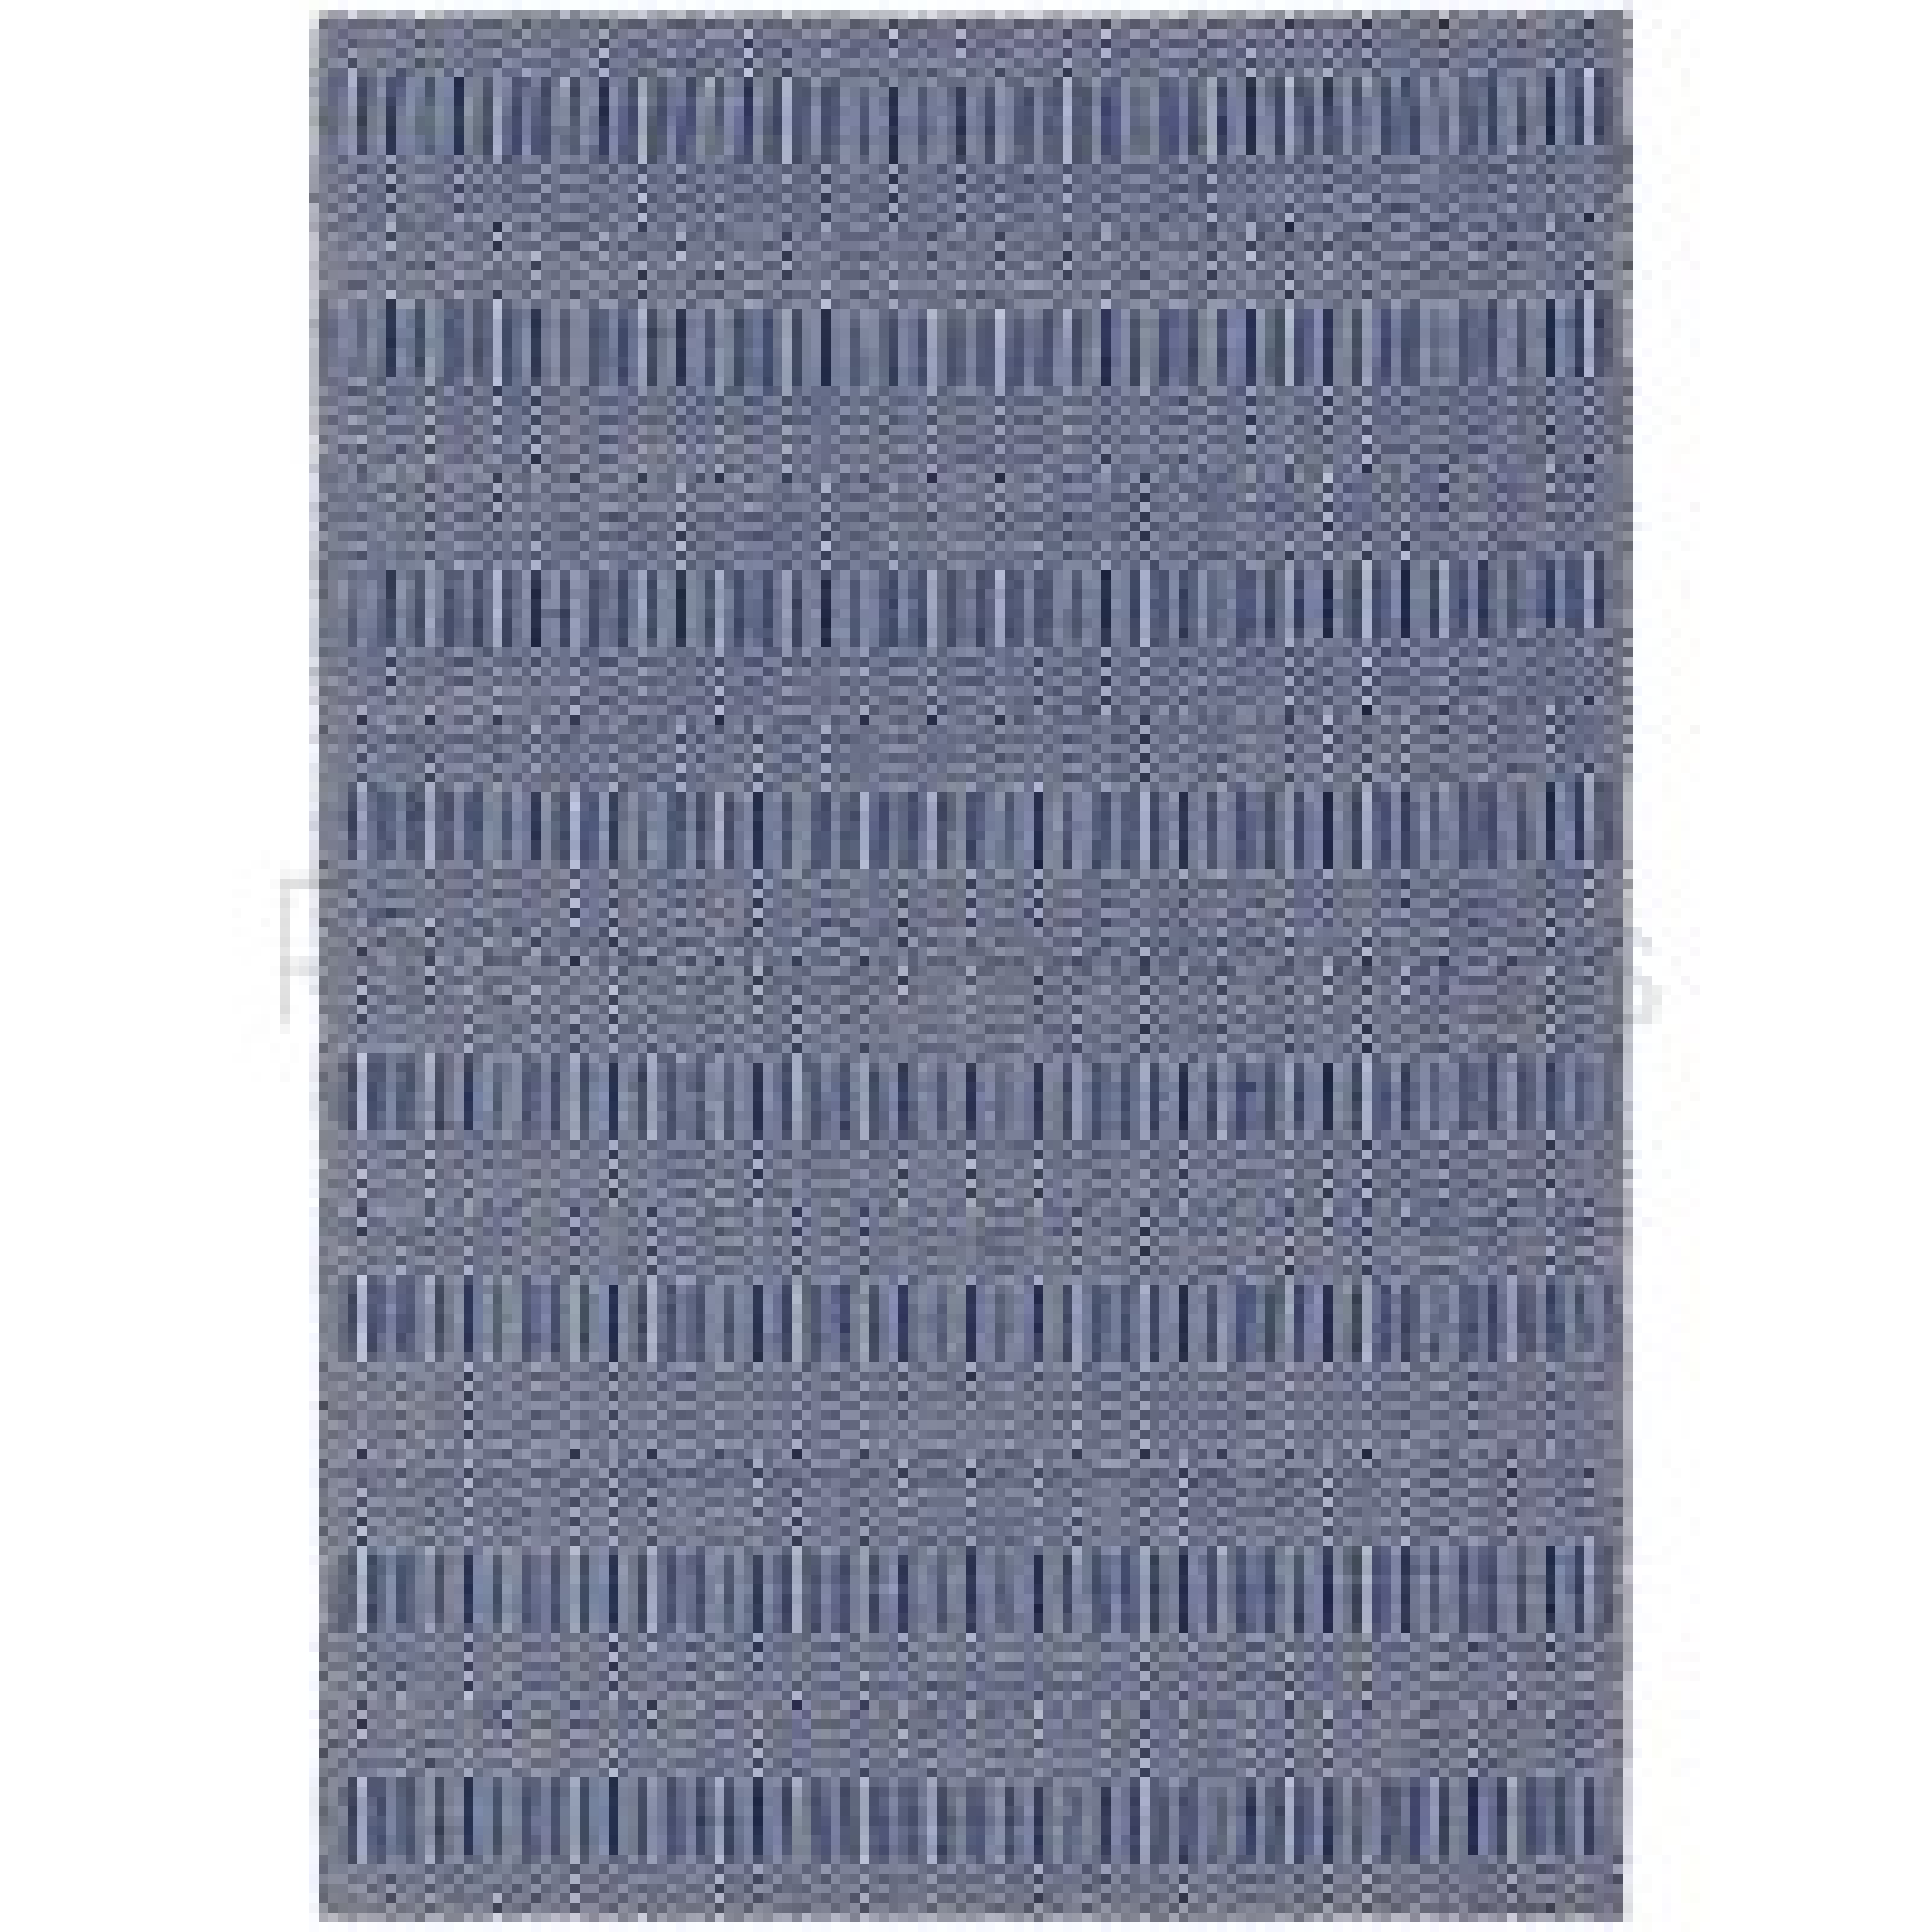 Sloan Flatweave Rug - Blue